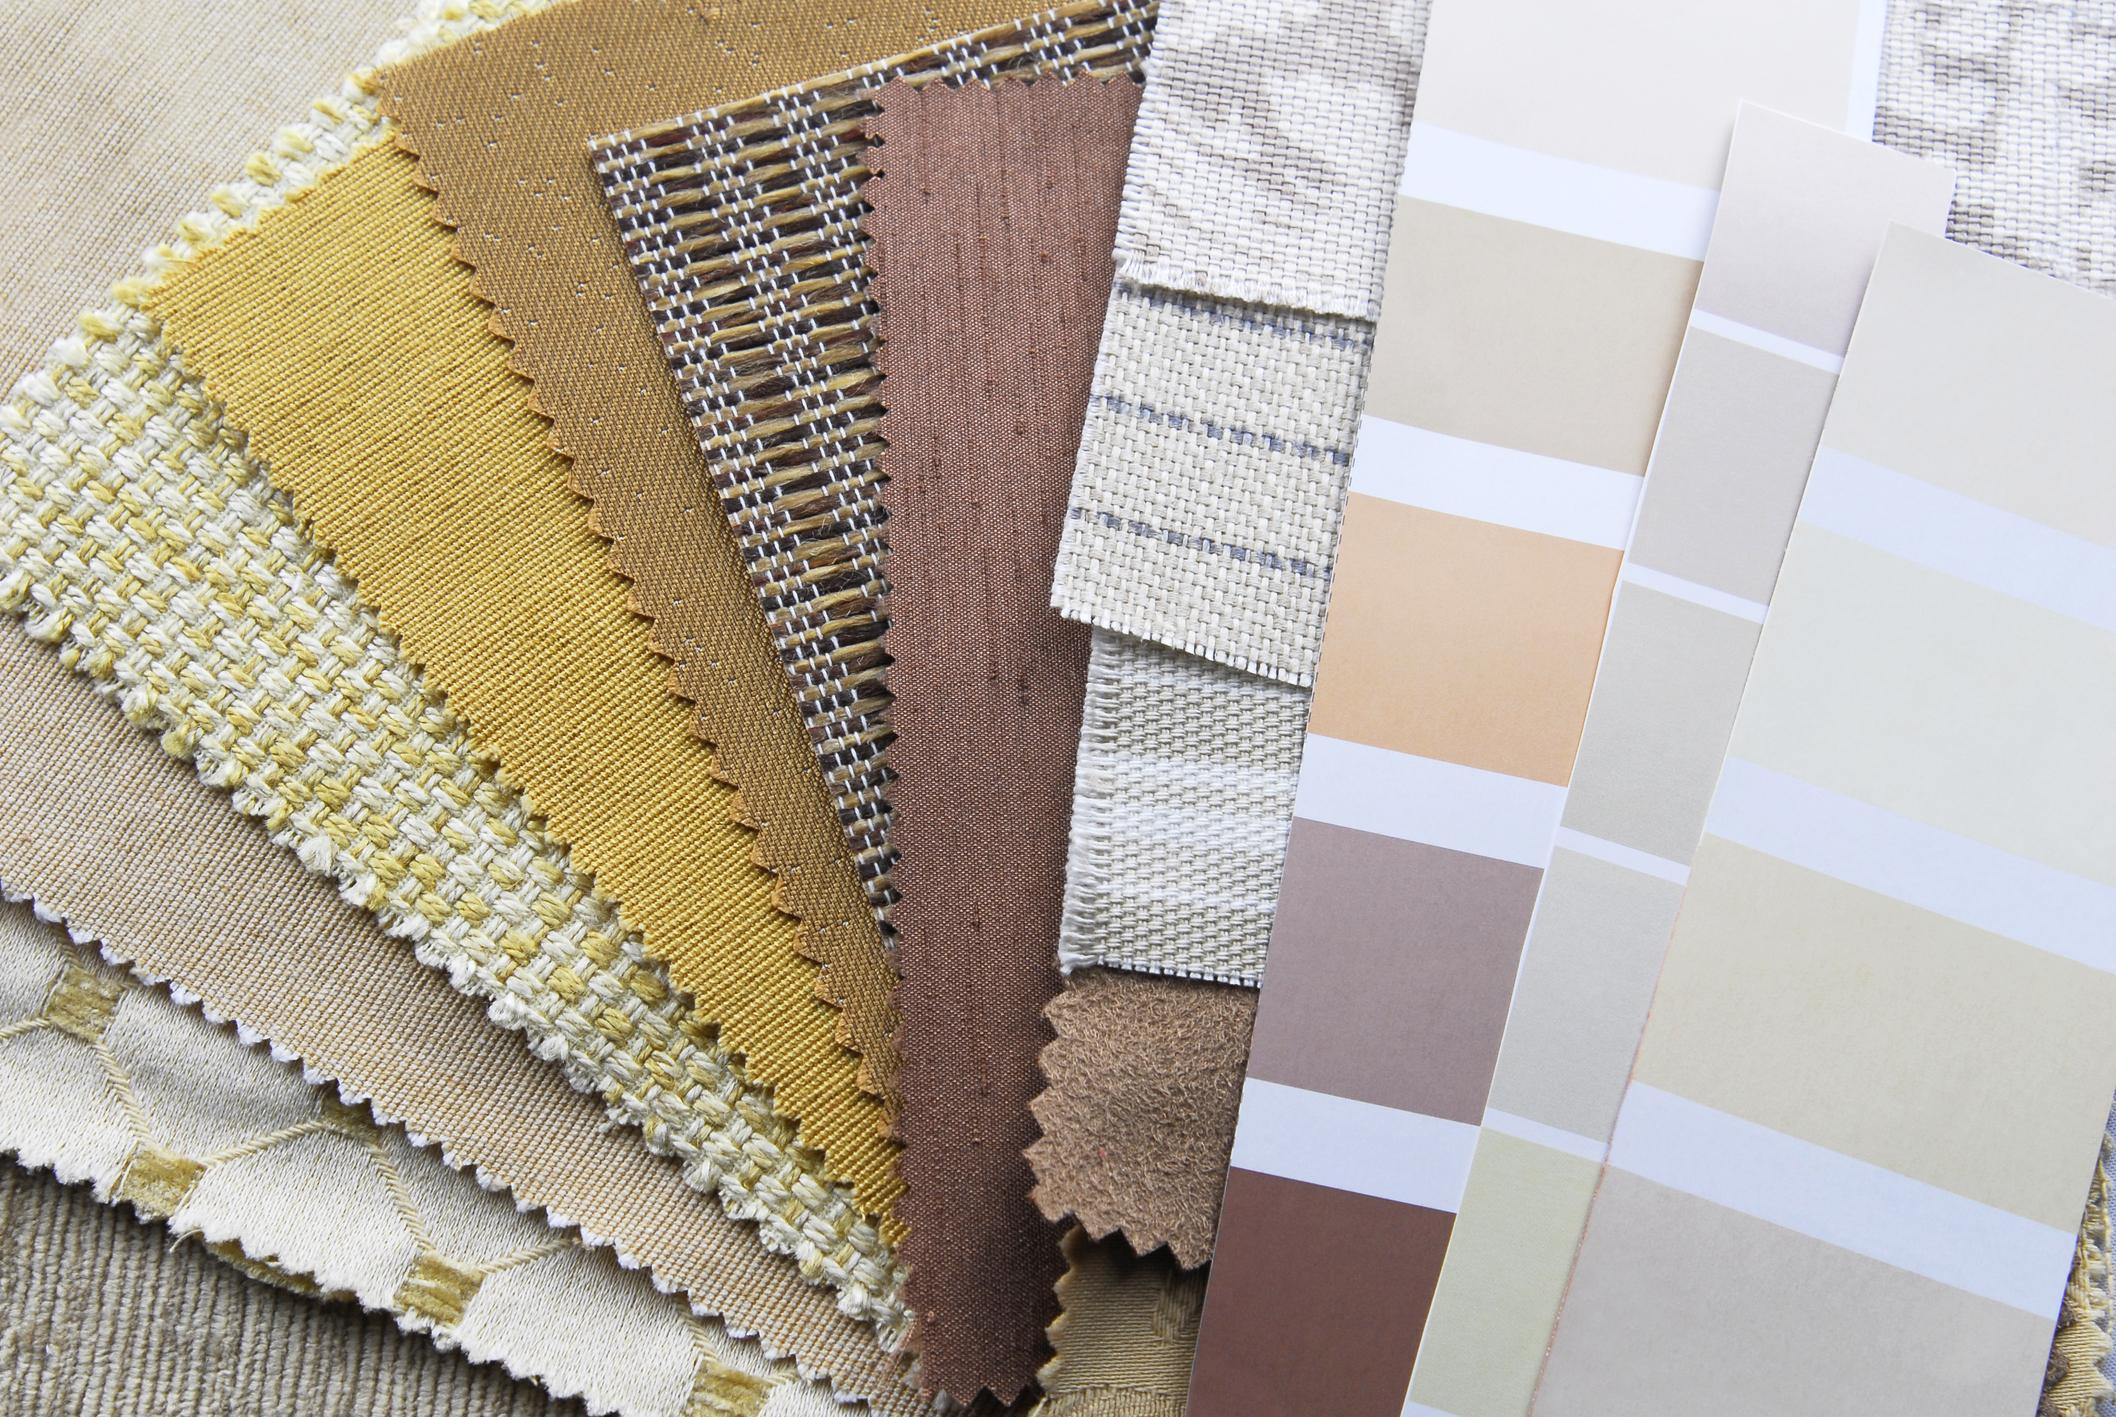 custom-upholstry-soft-furnishings-custom-drapery-details-window-coverings-Boston-Massachusetts-Carmel-Valley-california-21.jpg